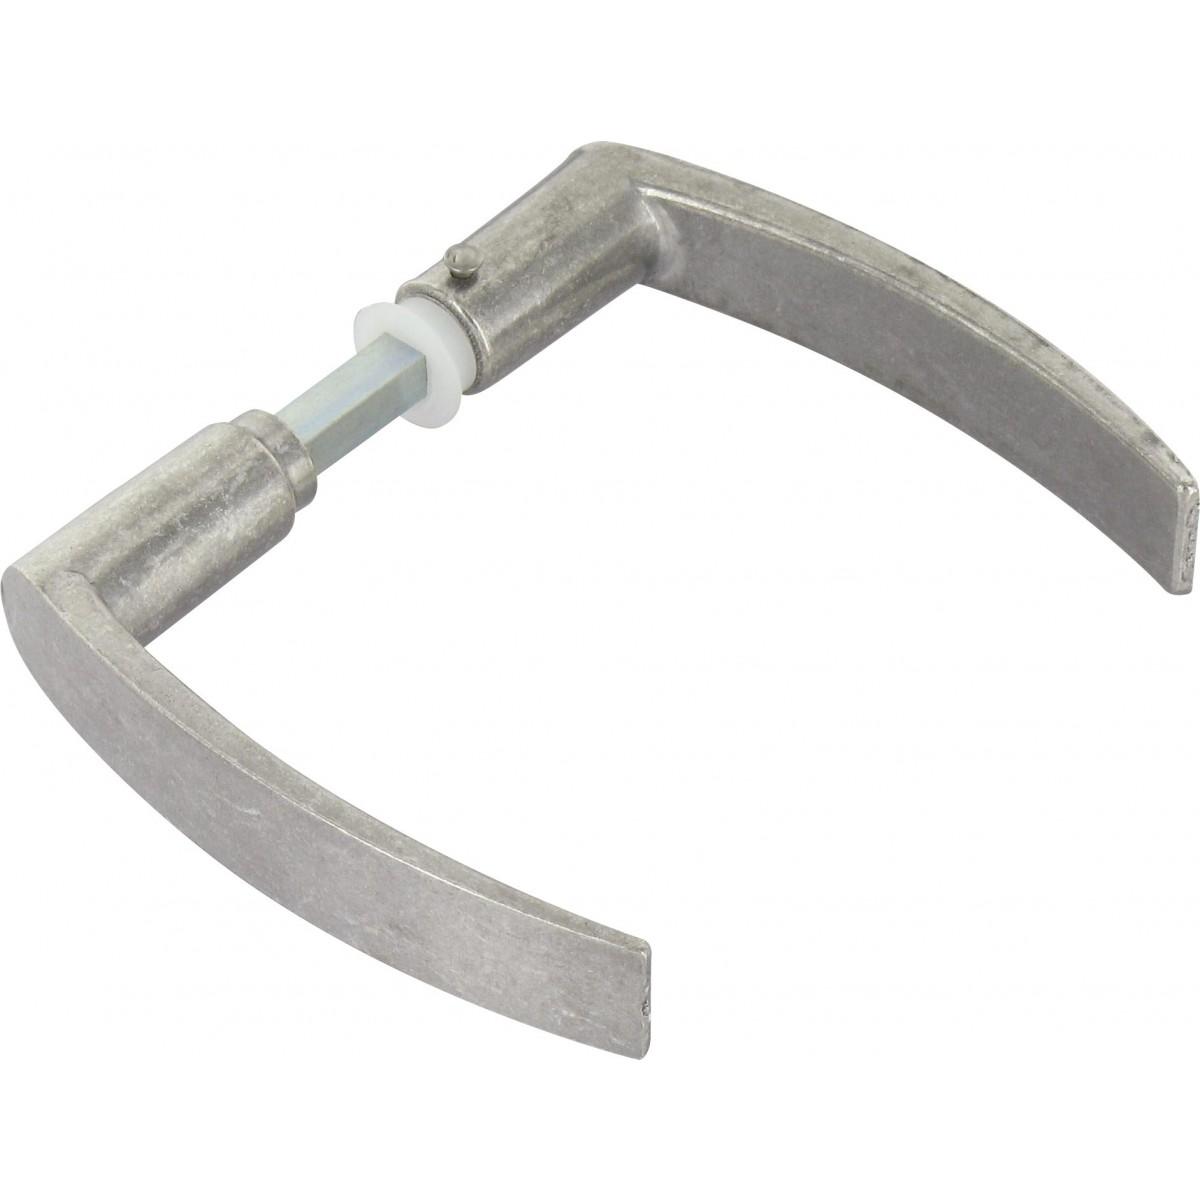 Béquille double en aluminium Dubois industries - Serrure à larder - Carré 7 mm